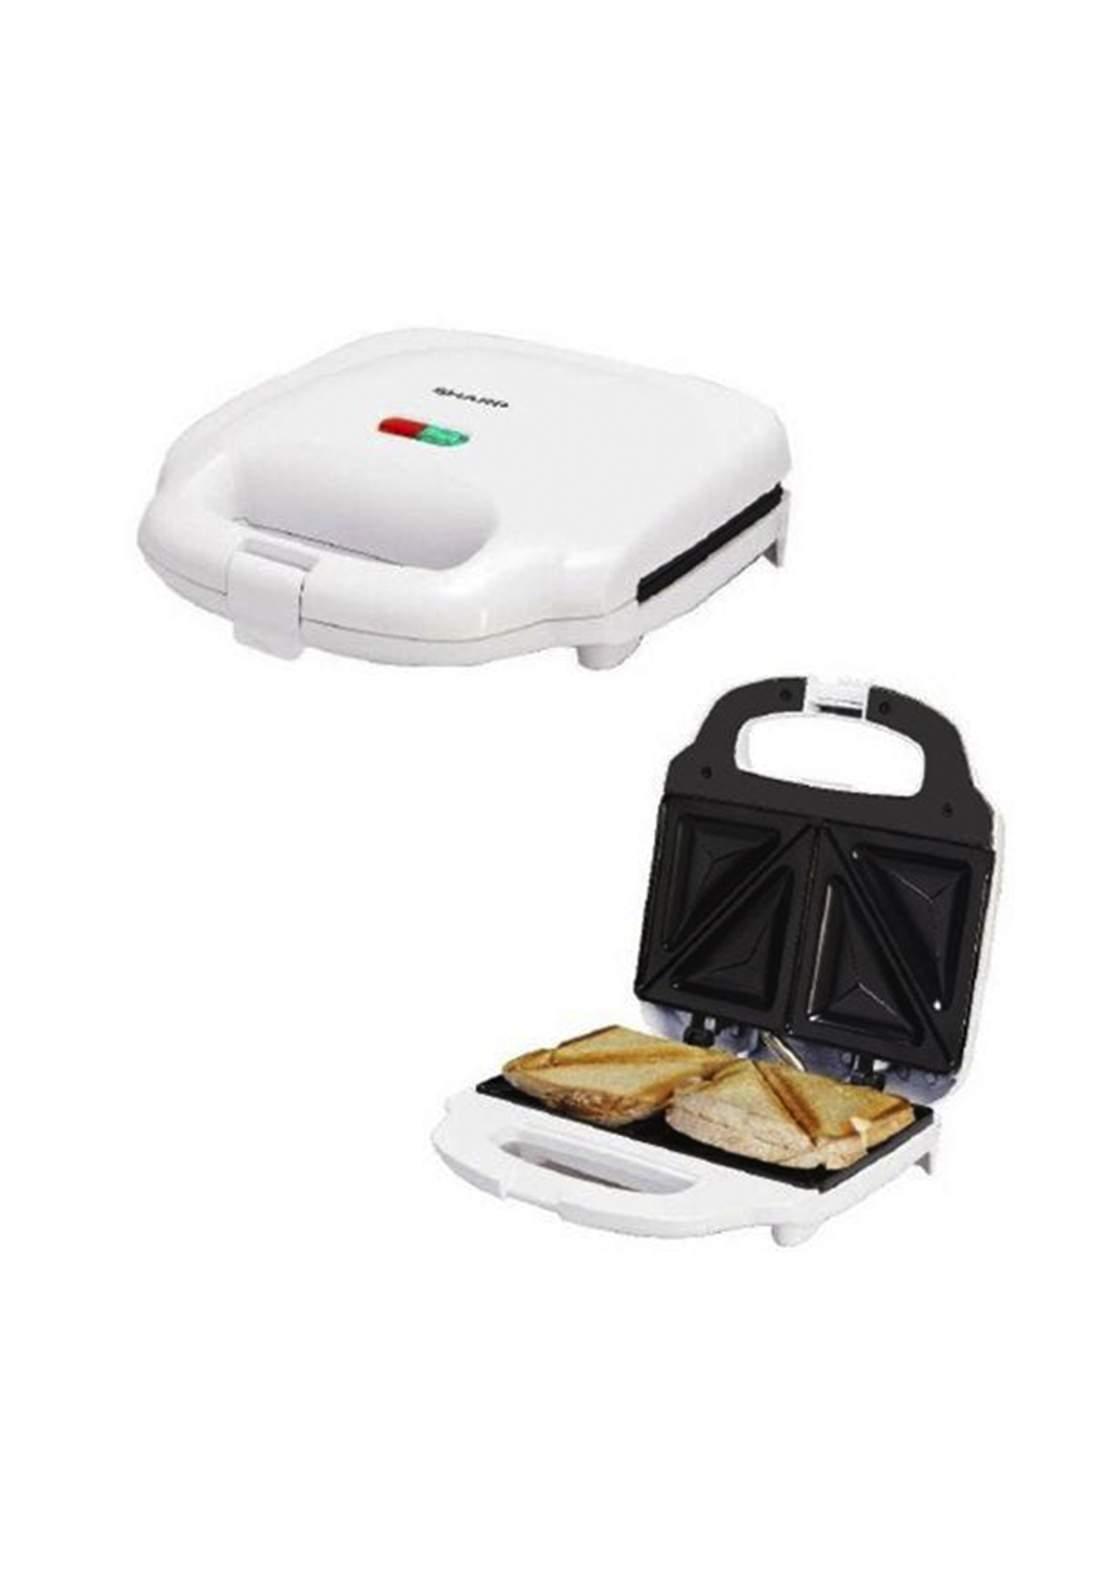 Sharp KZ-SU11-W3 Sandwich maker 2 Silces -white صانعة ساندويشات